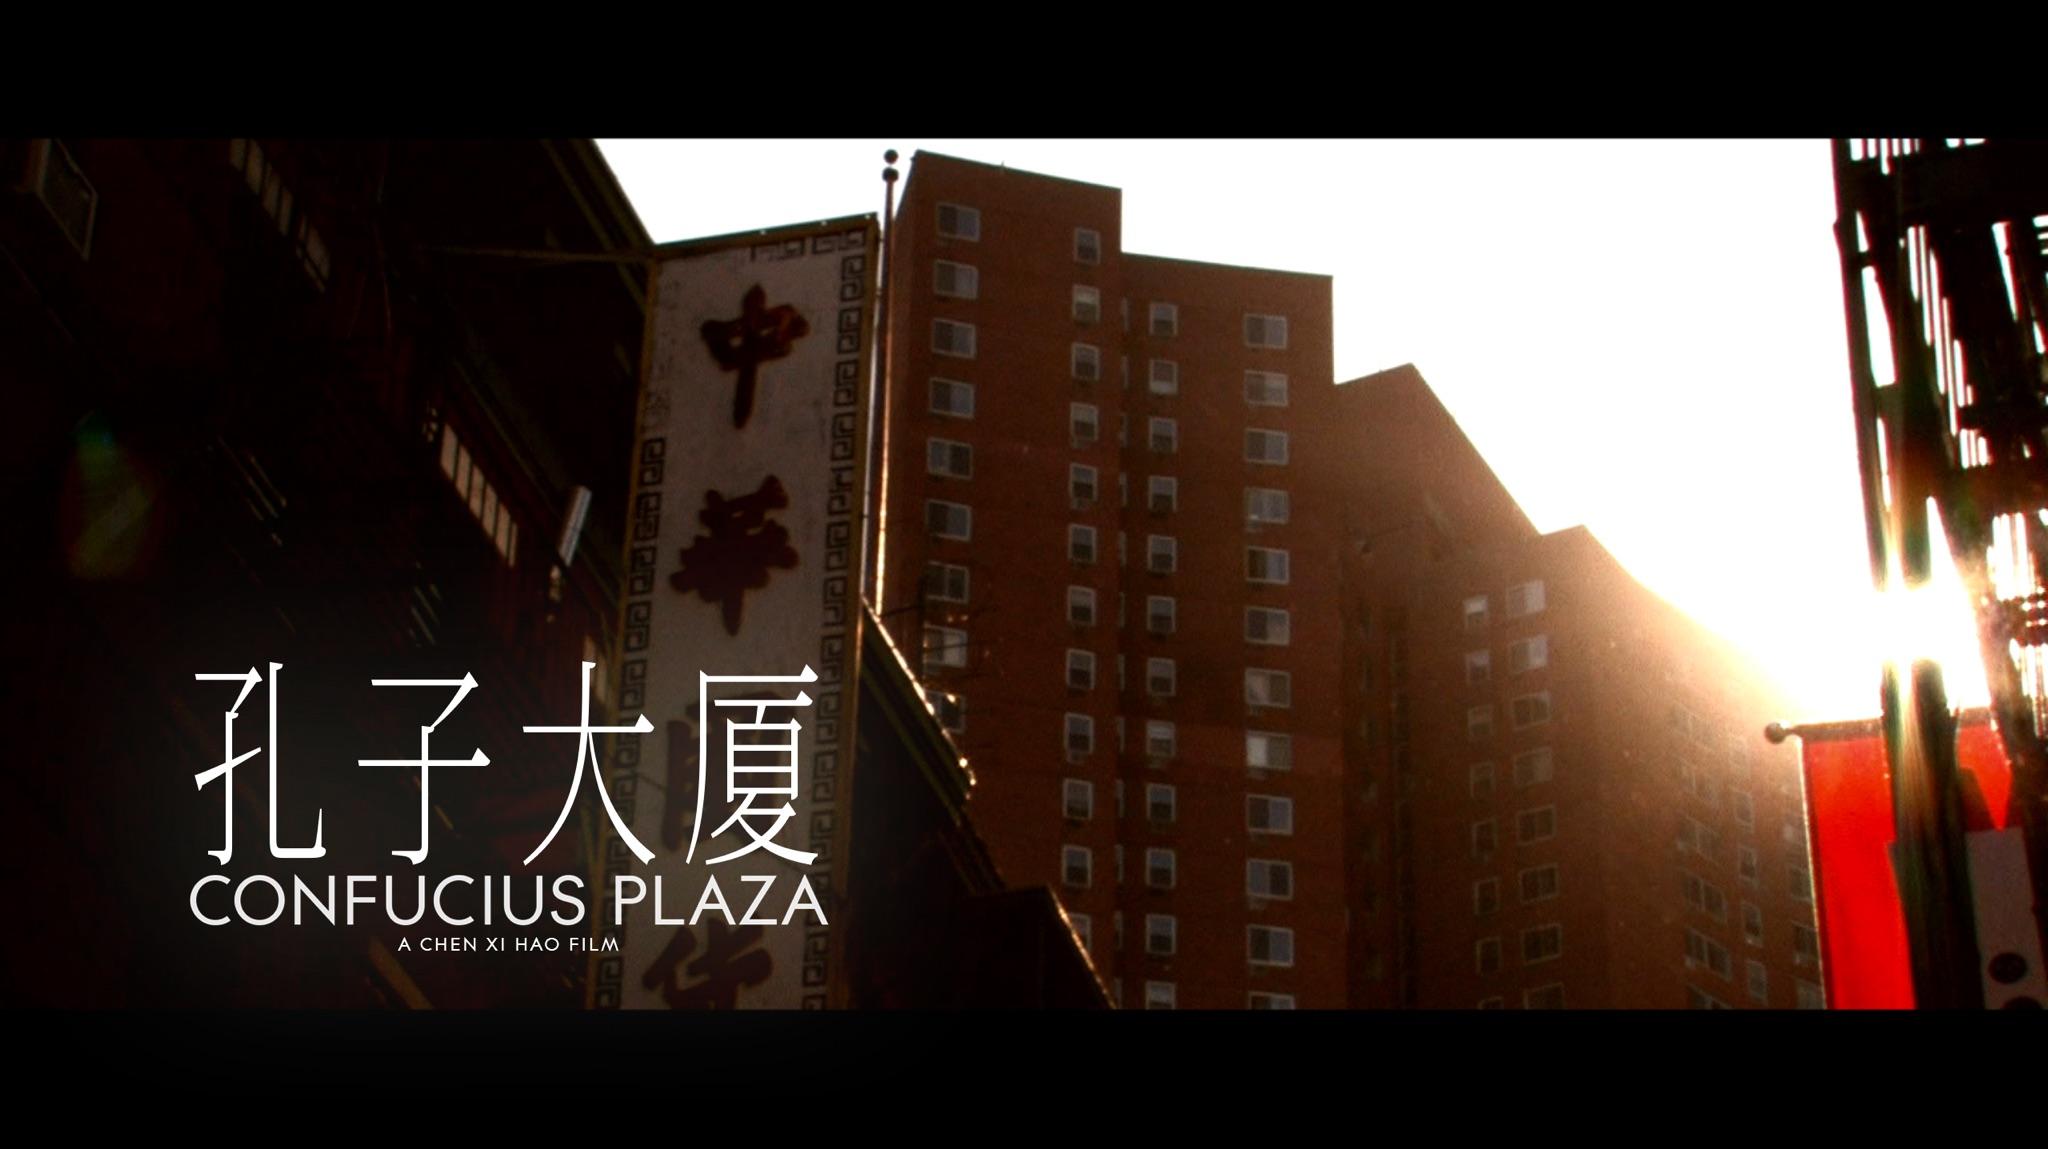 華裔導演陳錫豪以「孔子大廈」拍出舊時代華埠的文化和情懷。(電影劇照)